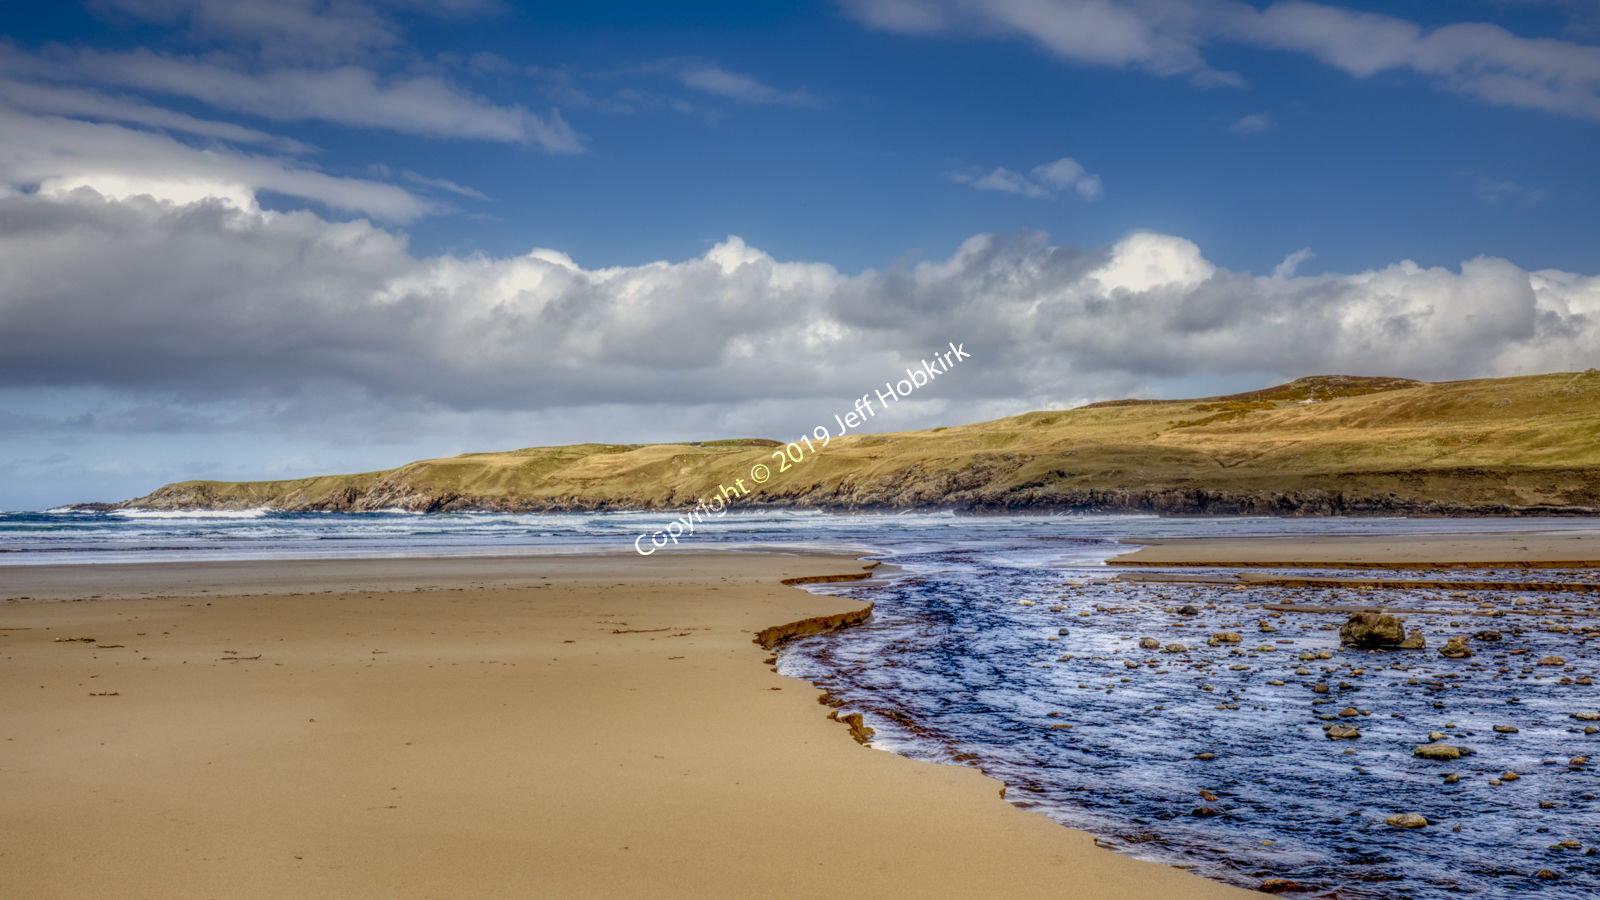 Caithness Coastline, Scotland